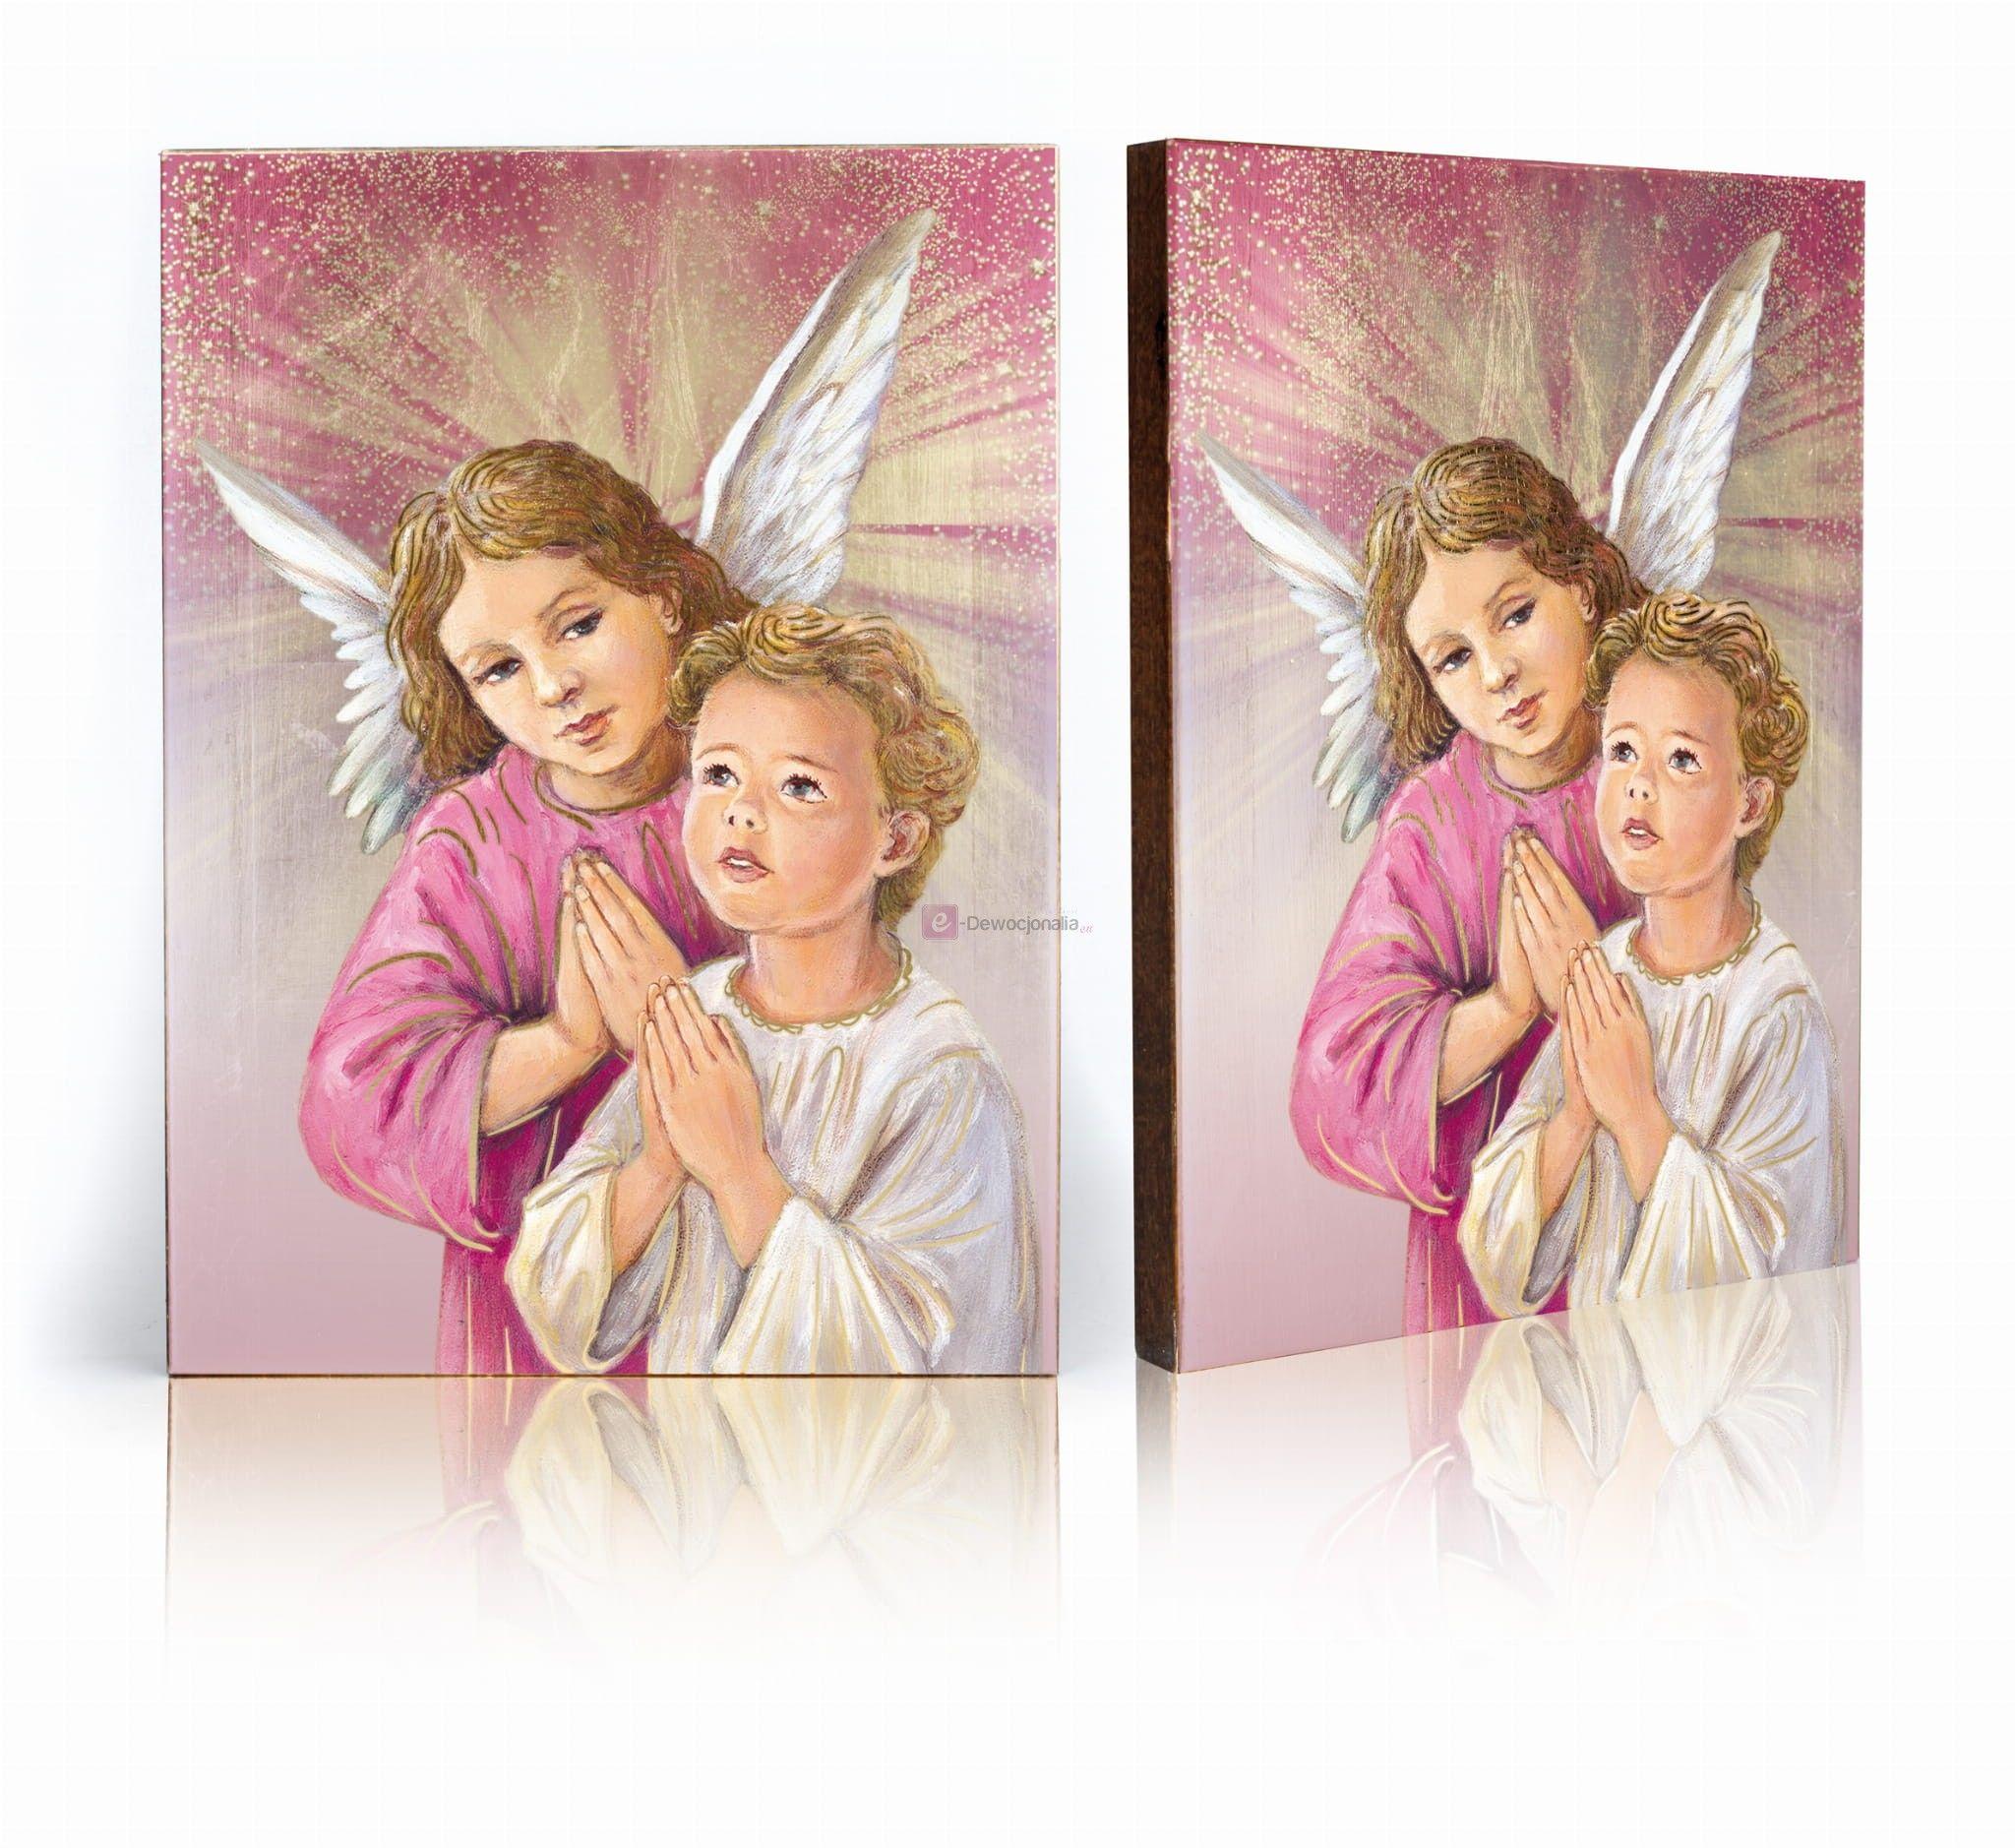 Ikona ręcznie wykonana - Anioł Stróż, biało - różowy - 17x23cm